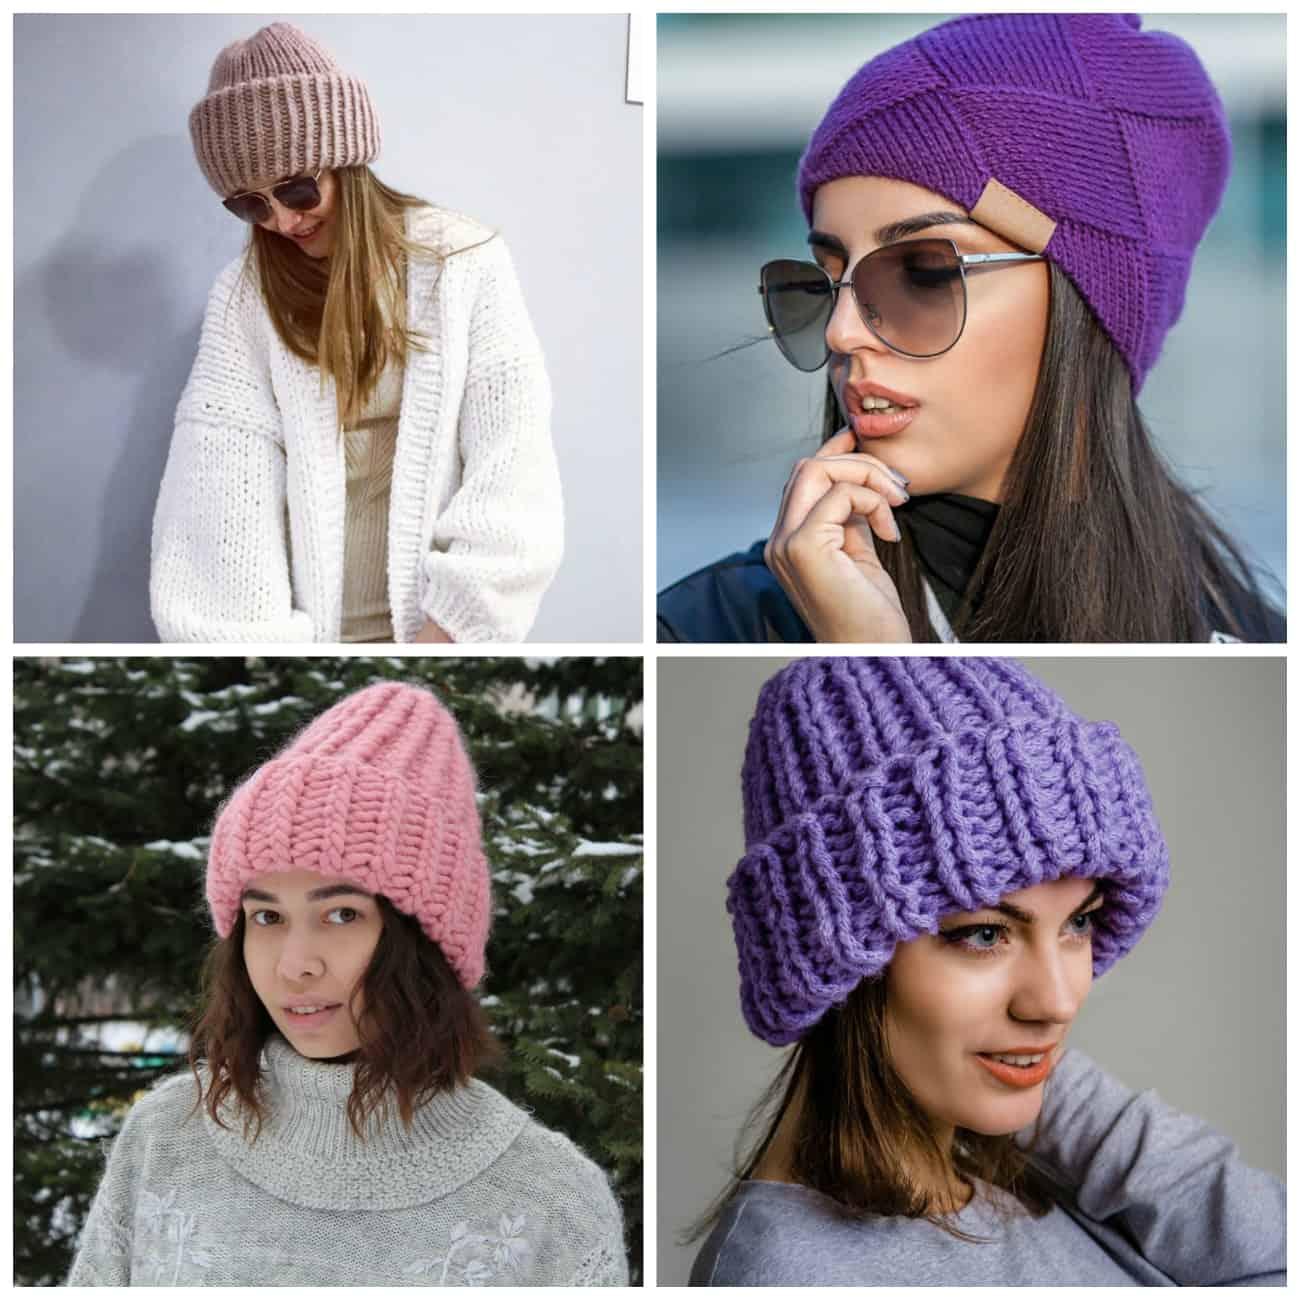 купить вязаную шапку классику